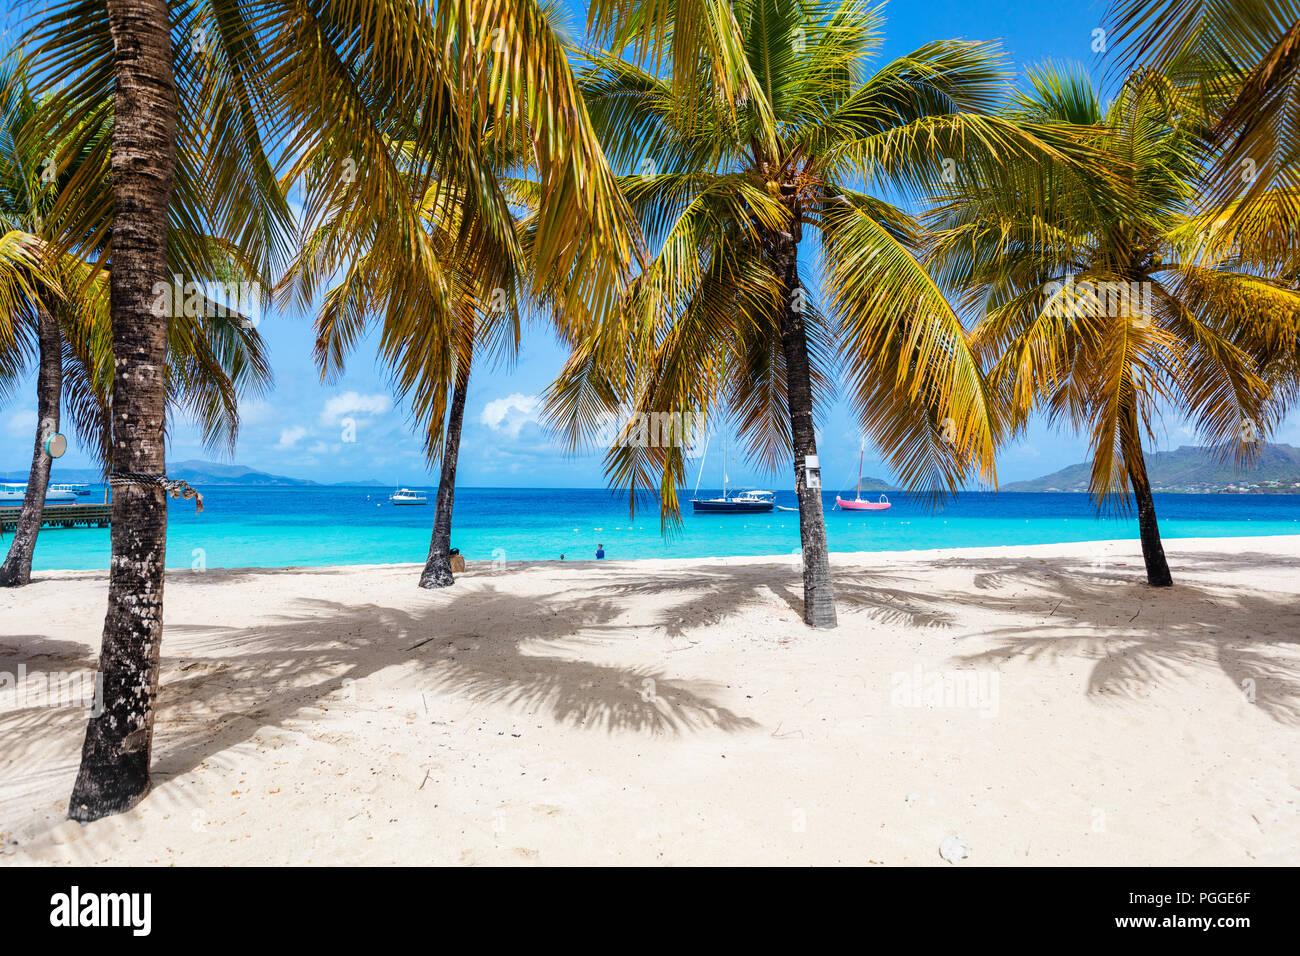 Tropical idyllique plage de sable blanc, les palmiers et la mer turquoise des Caraïbes sur l'île exotique de l'eau à St Vincent et les Grenadines Photo Stock